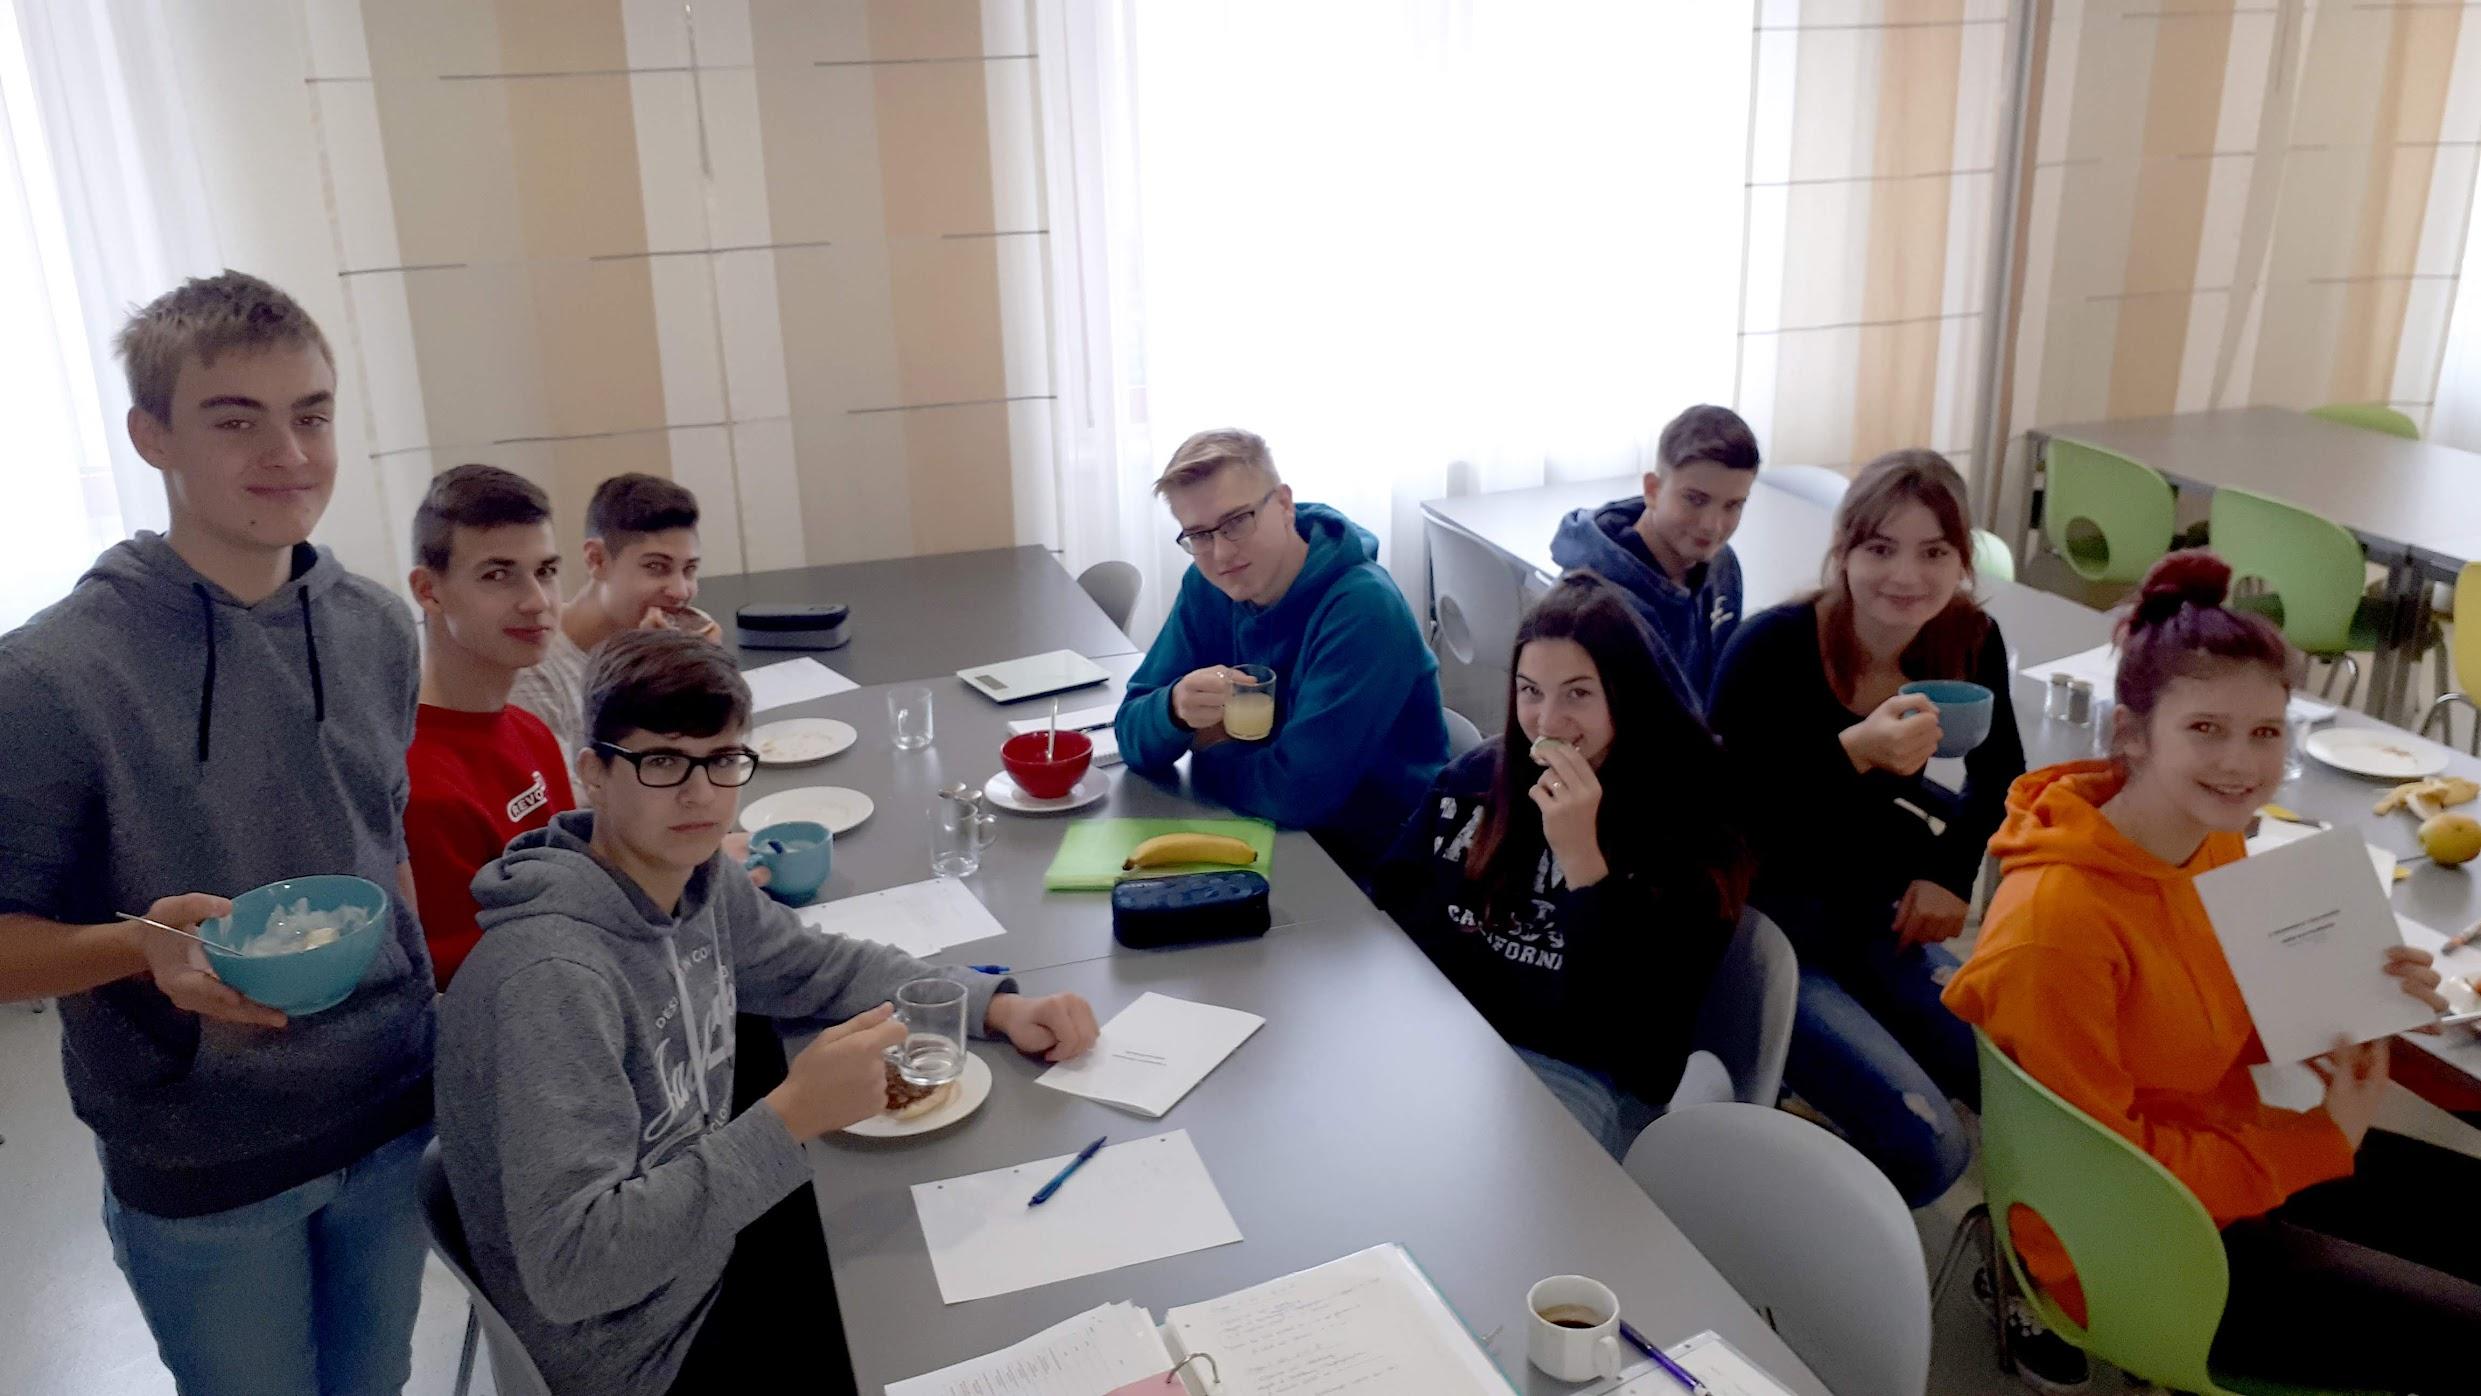 Frühstücken in der Schule